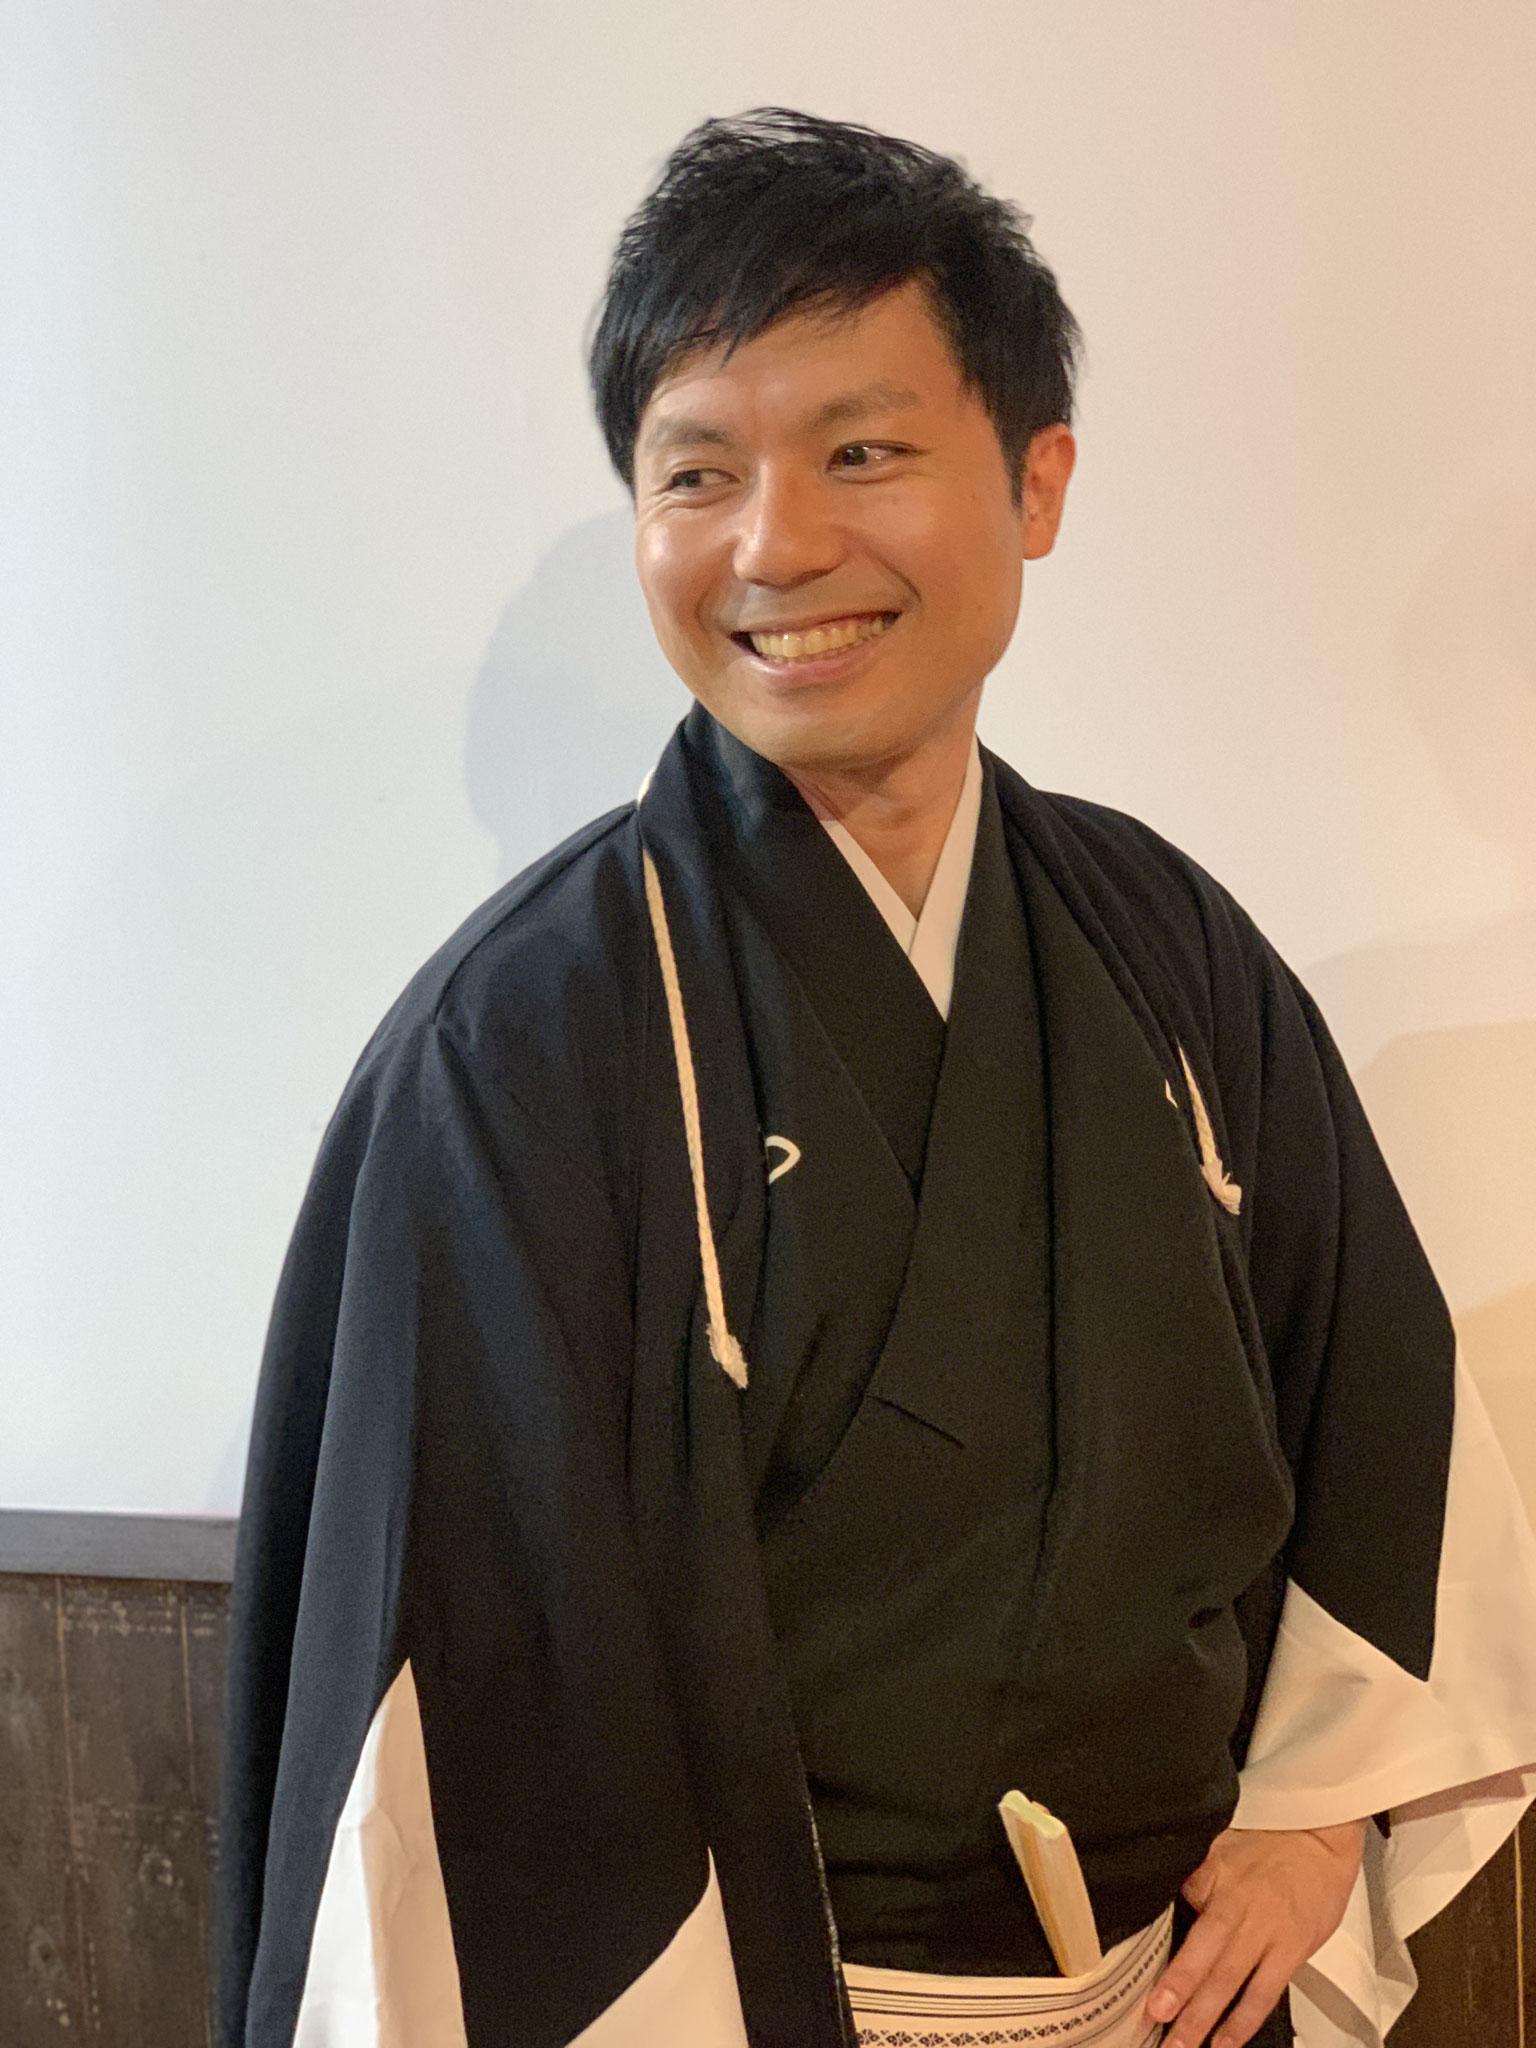 十二番隊長・桂三幸